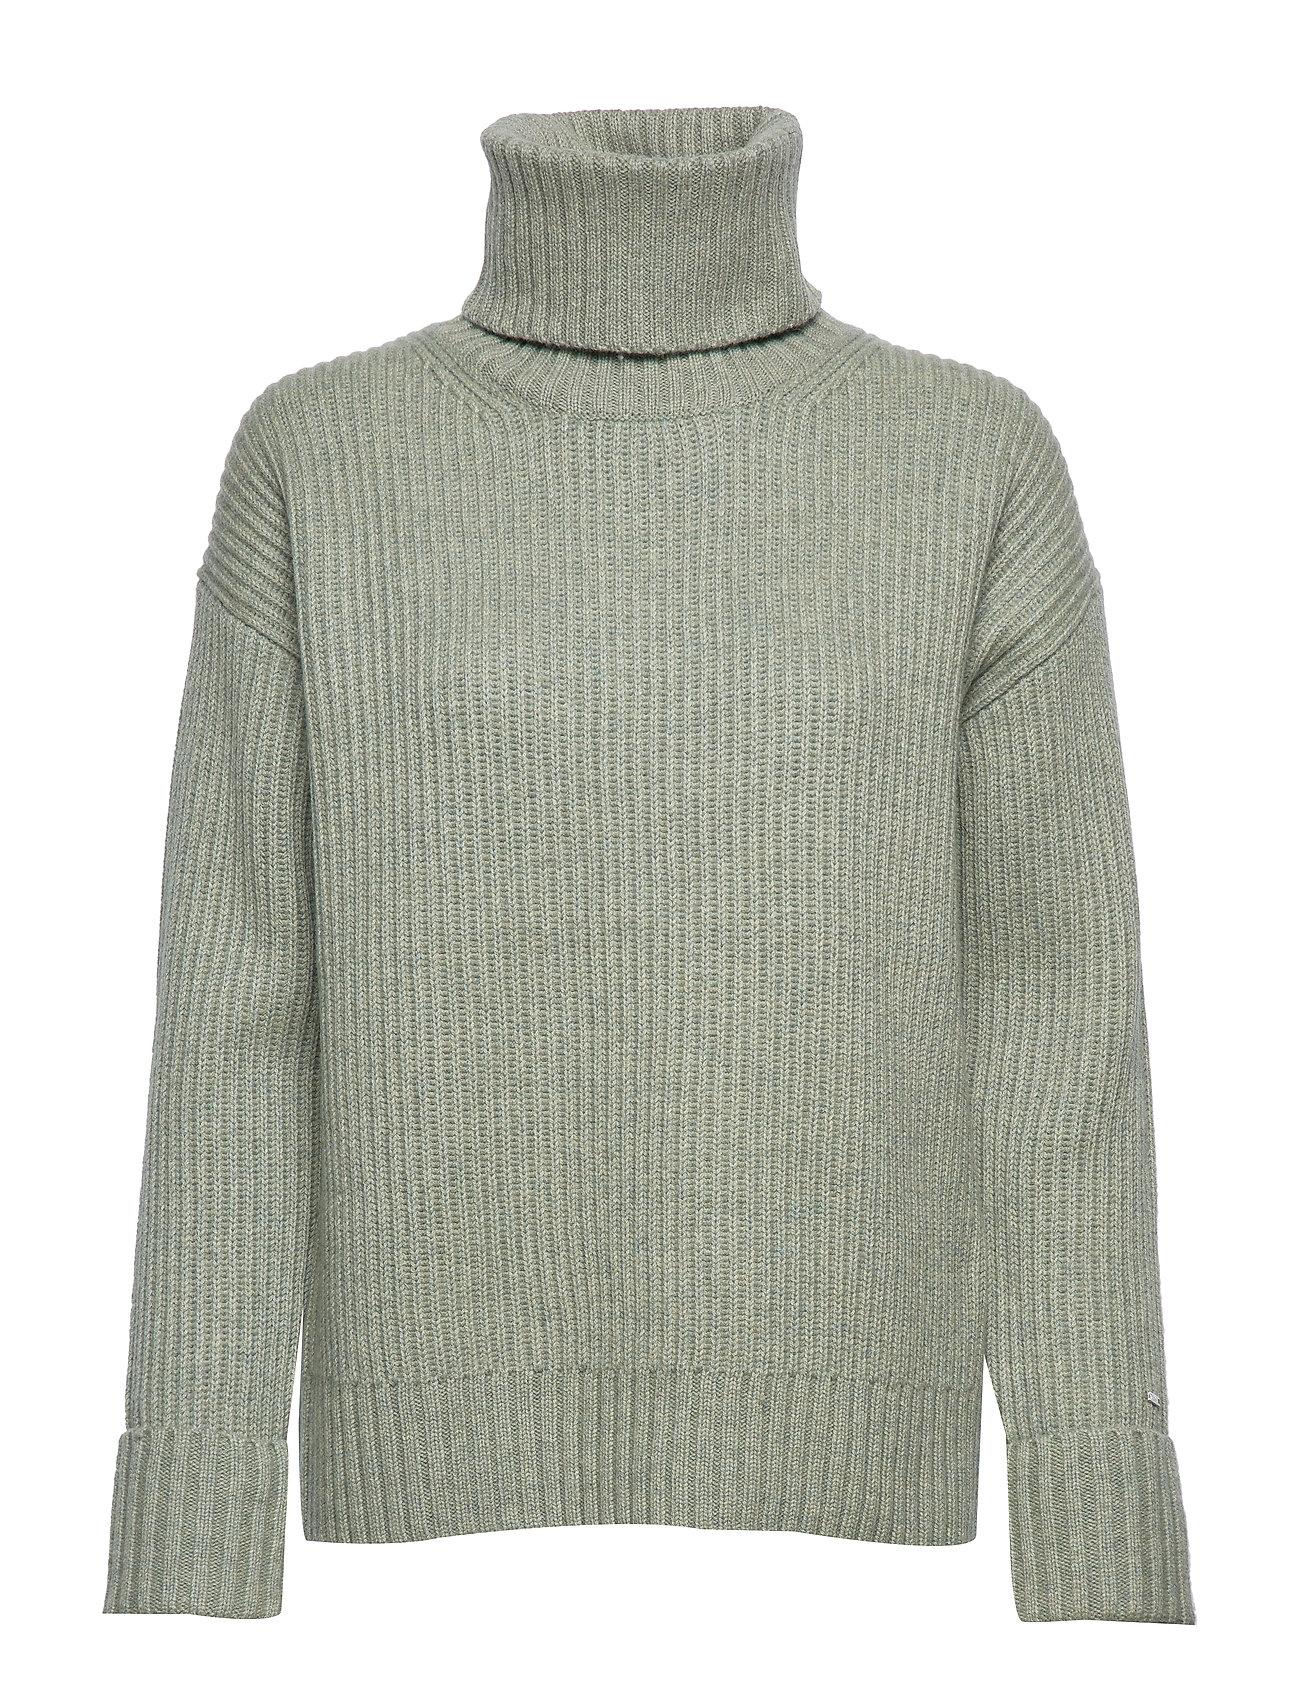 Calvin Klein LS TURTLE NECK SWEATER - SEAGRASS